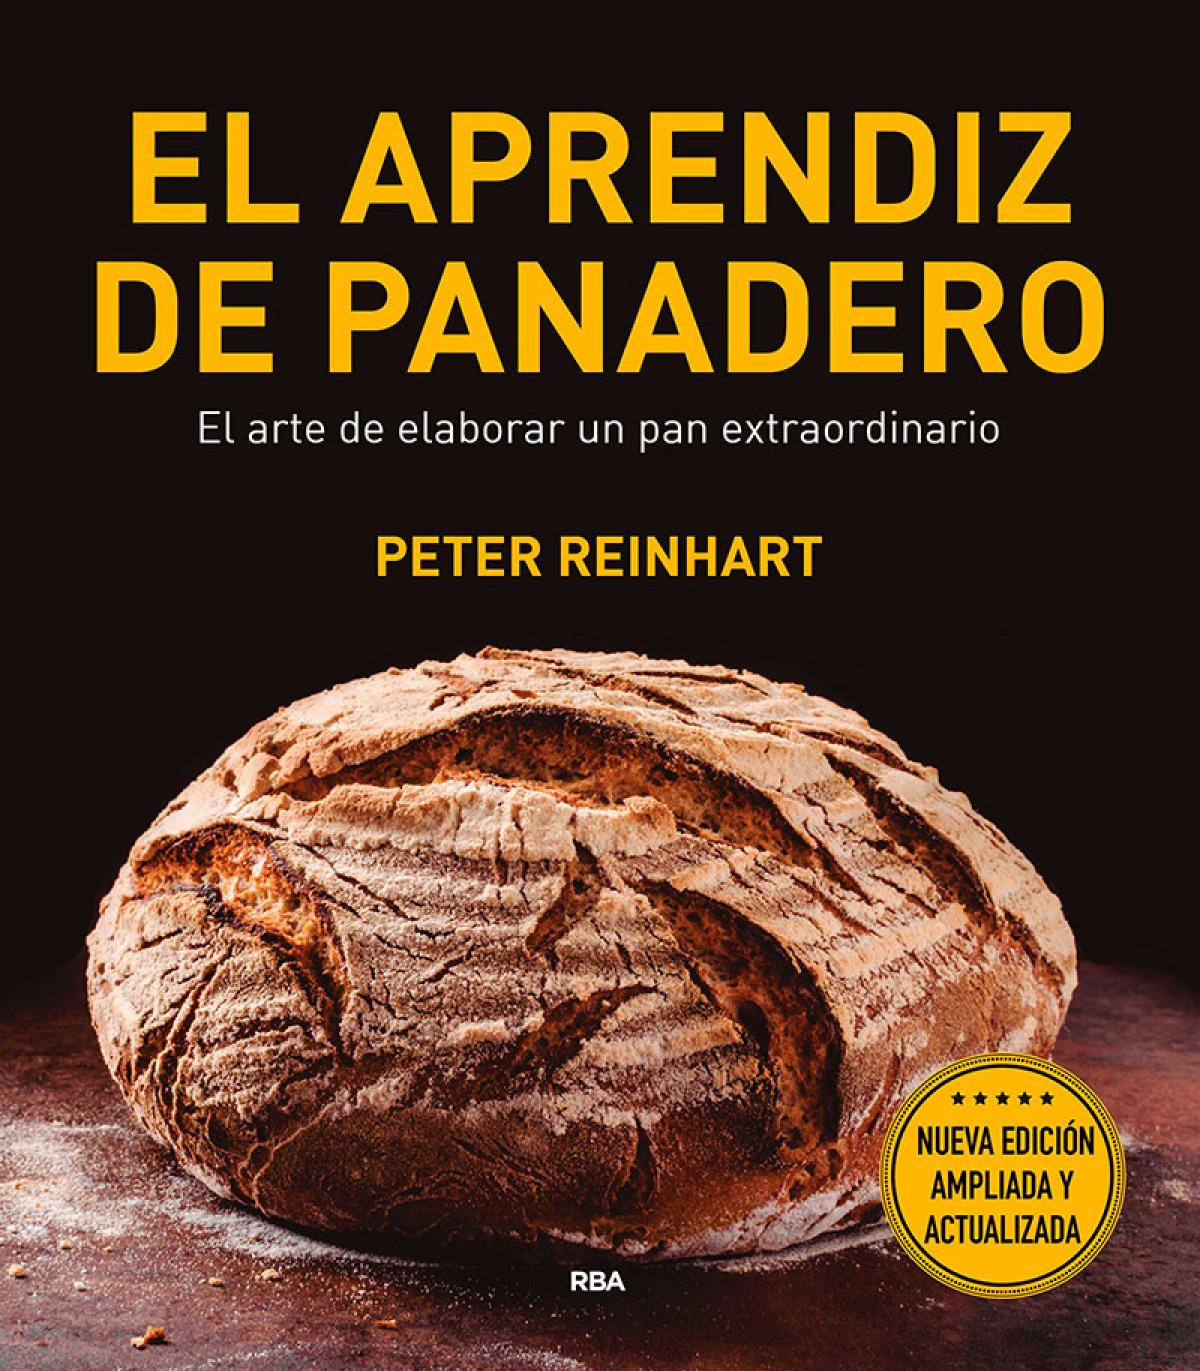 EL APRENDIZ DE PANADERO 9788491180944